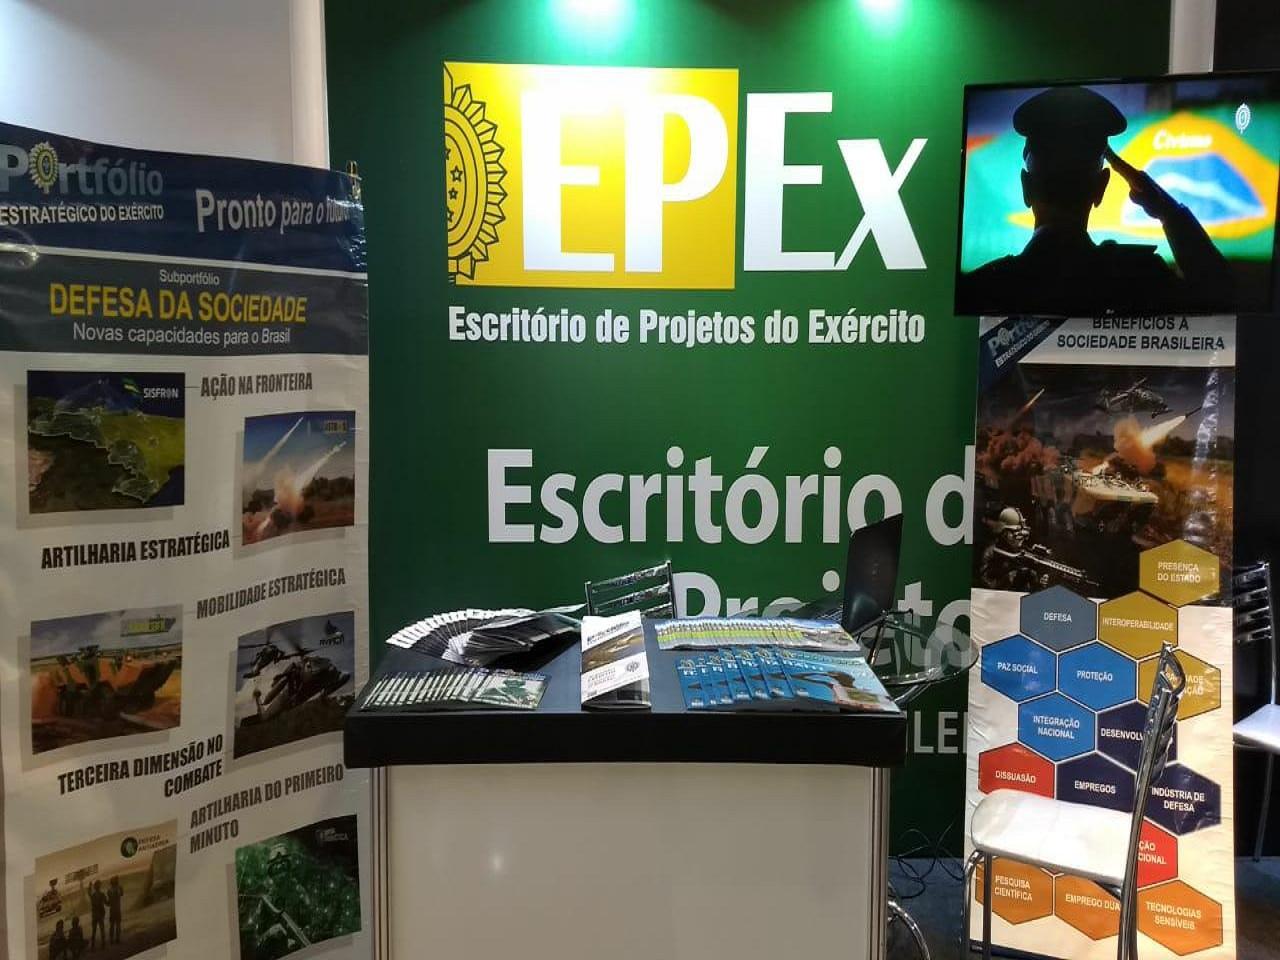 EPEx participa do 17º Seminário Internacional de Gerenciamento de Projetos